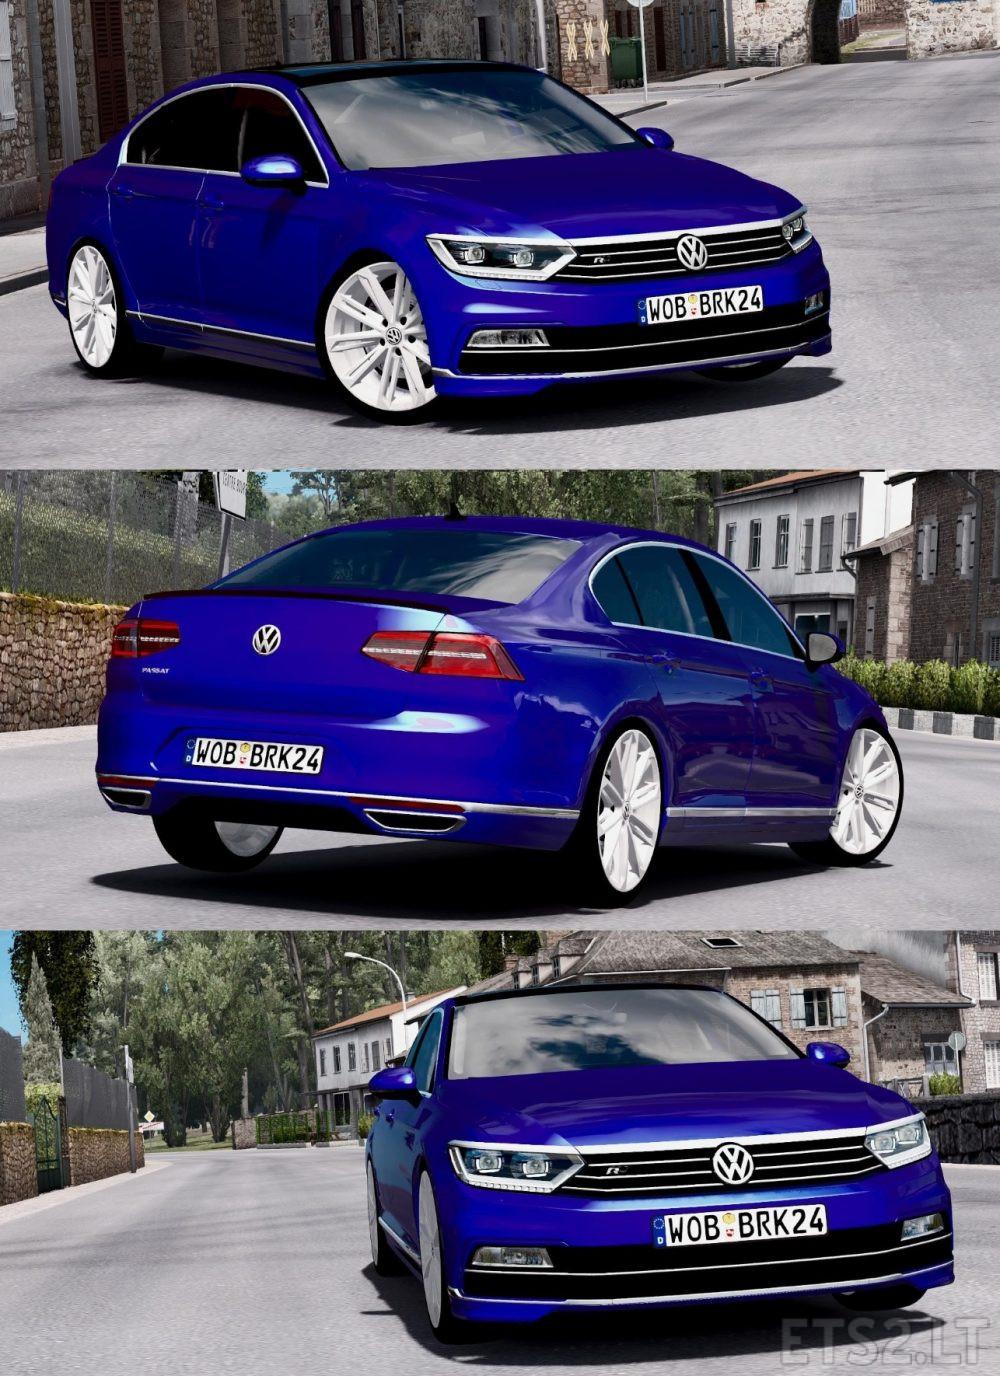 Volkswagen Passat Rline 2015 | ETS 2 mods